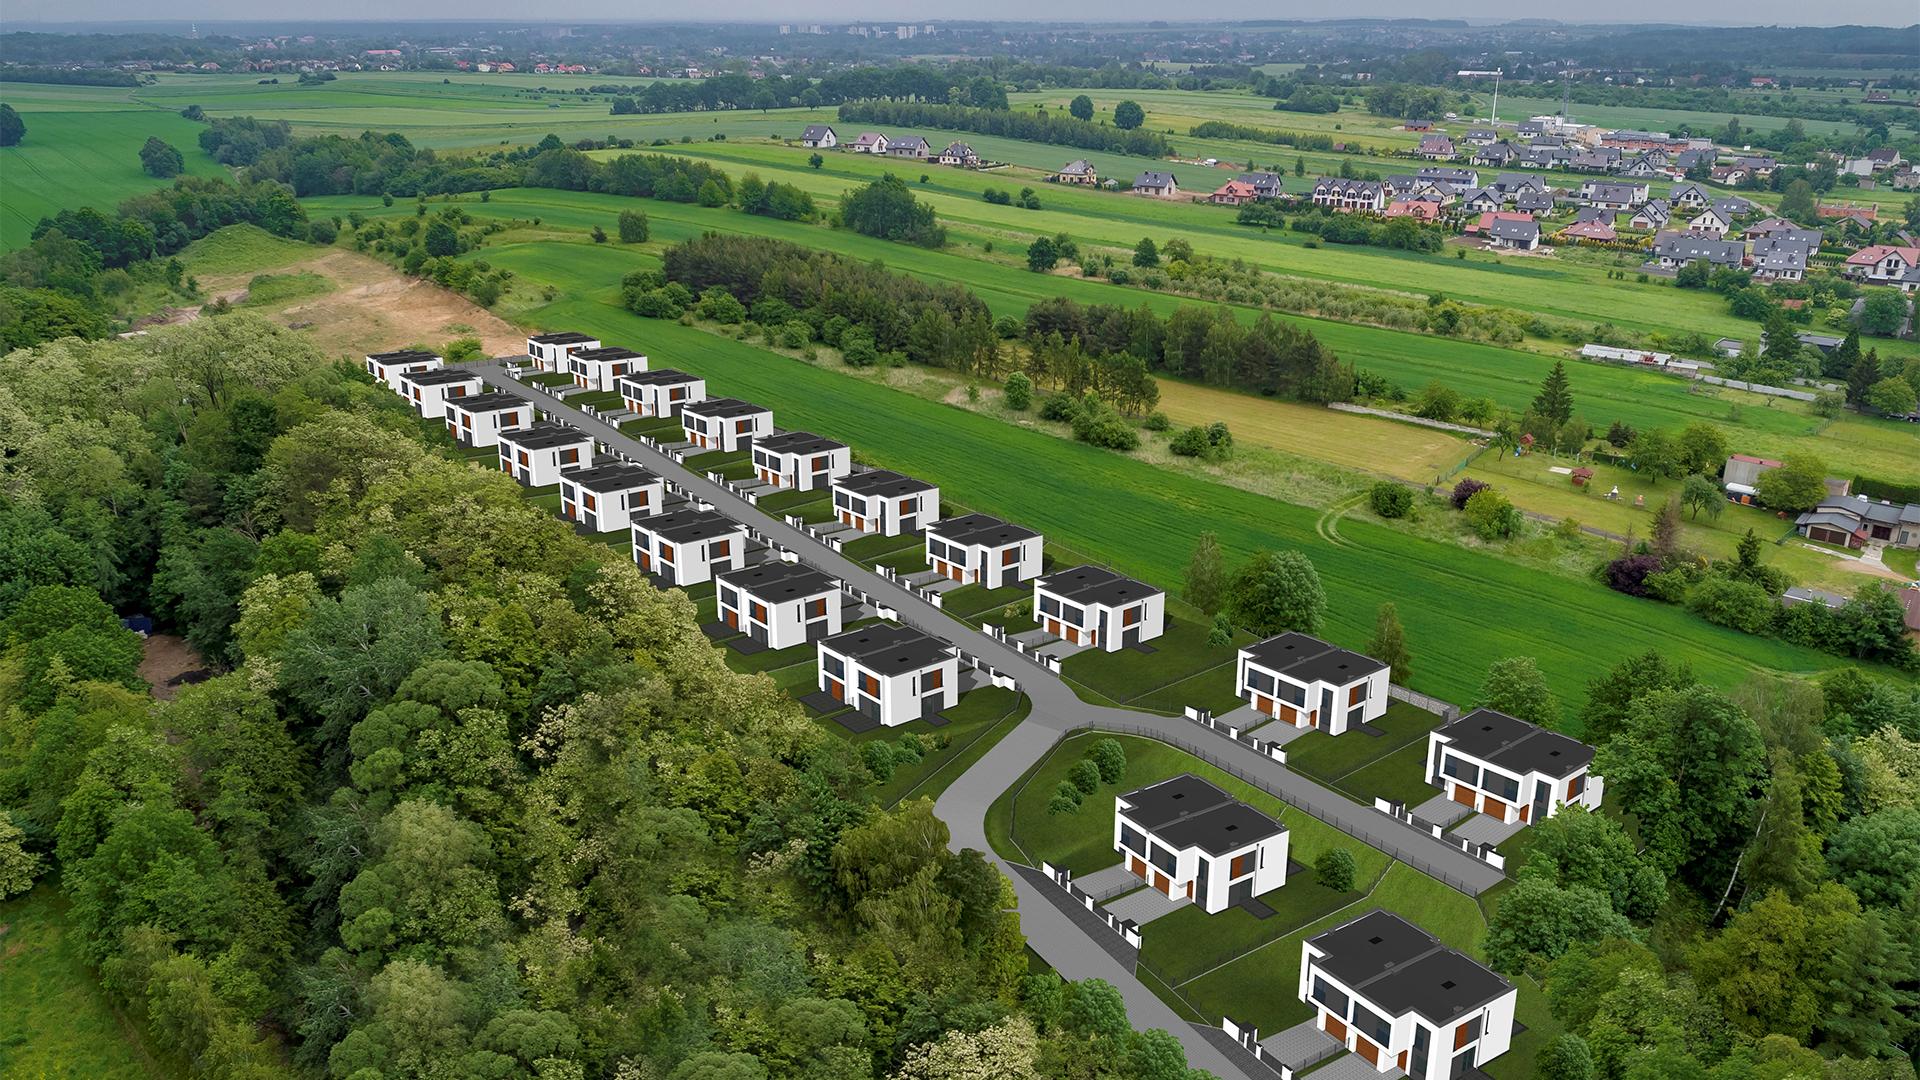 Nowe osiedle domy bliźniacze